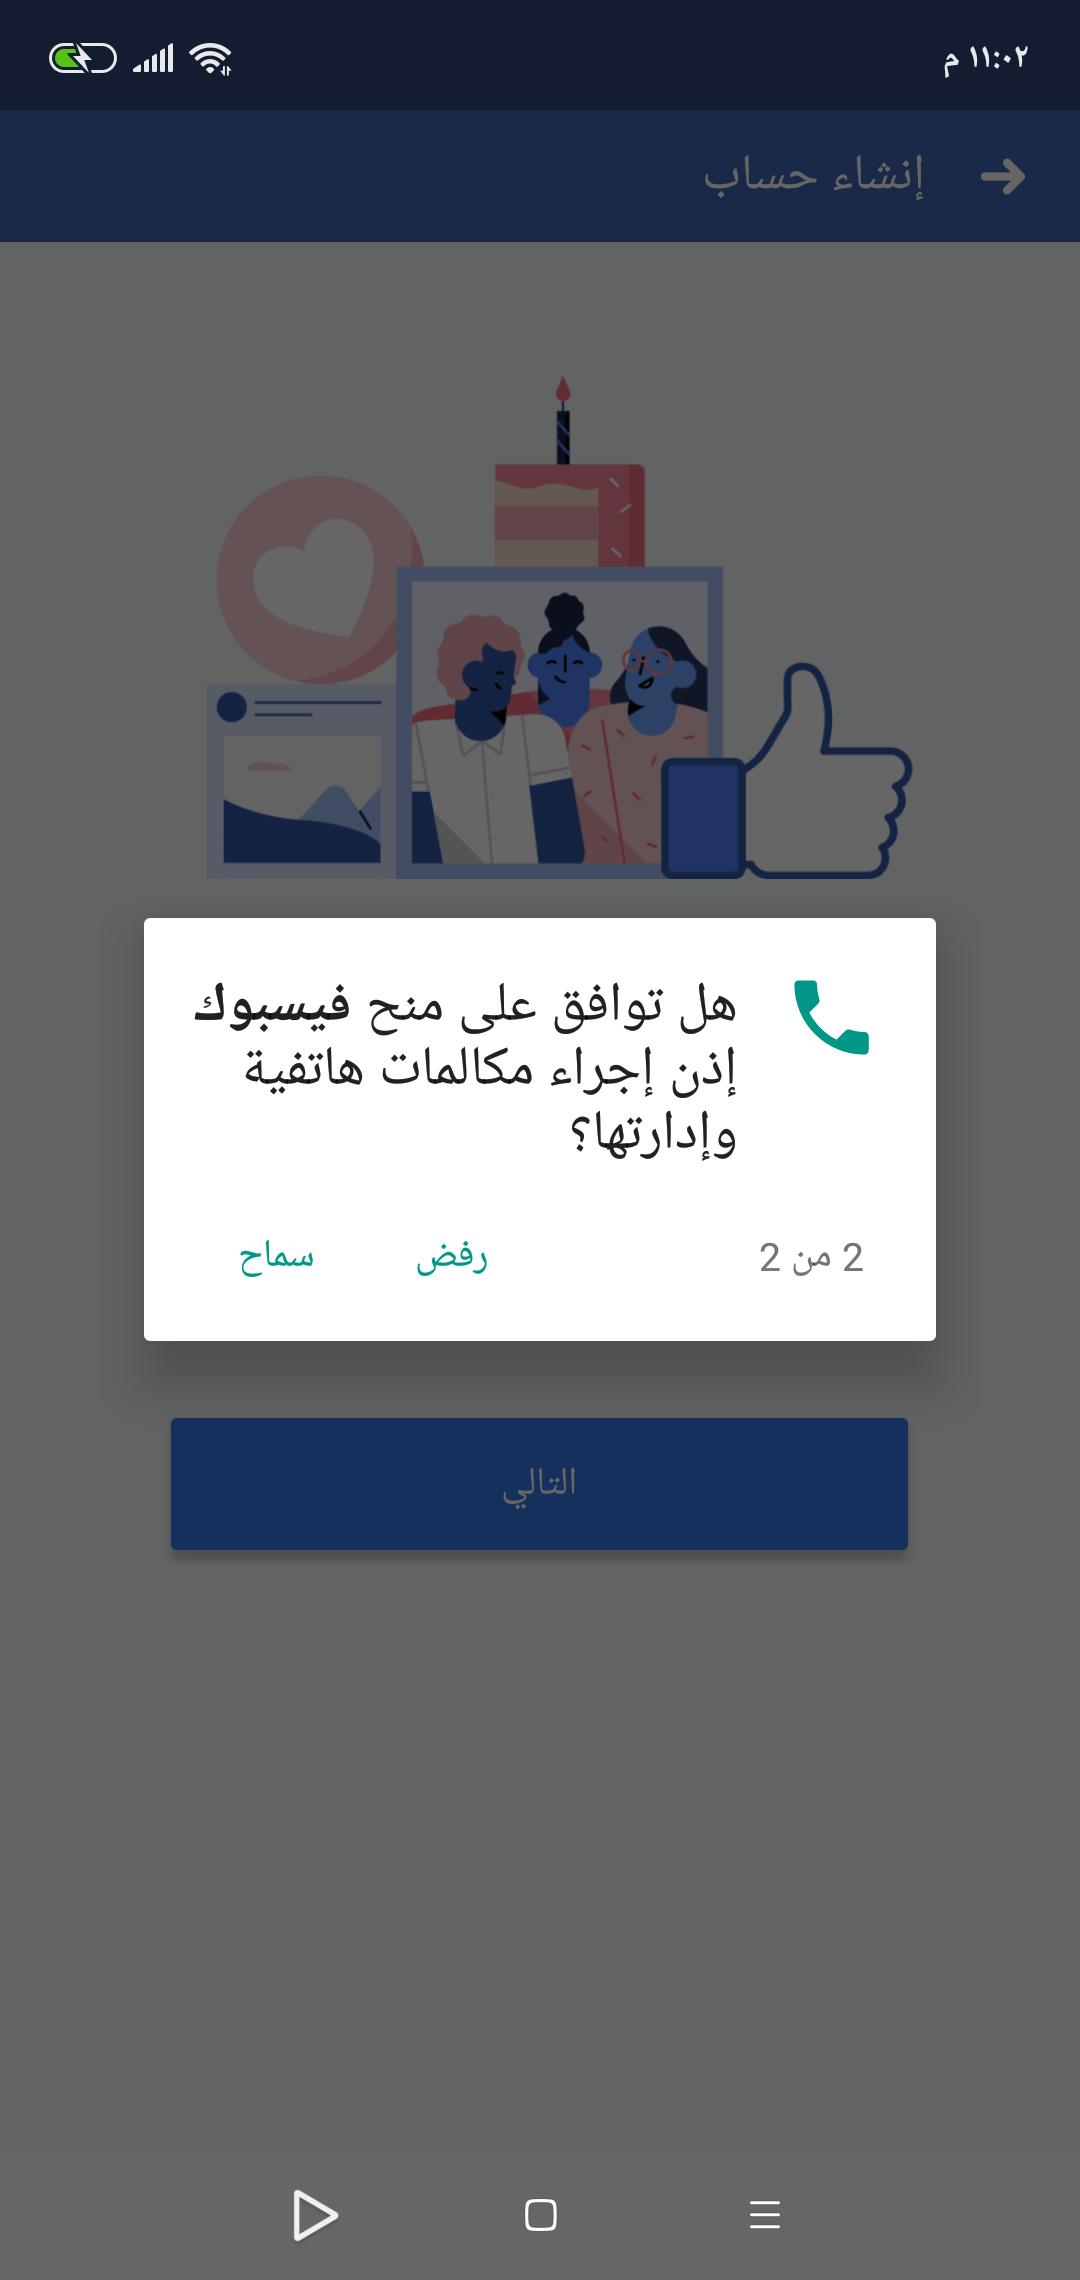 منح اذونات فيس بوك للوصول الى اجراء مكالمات